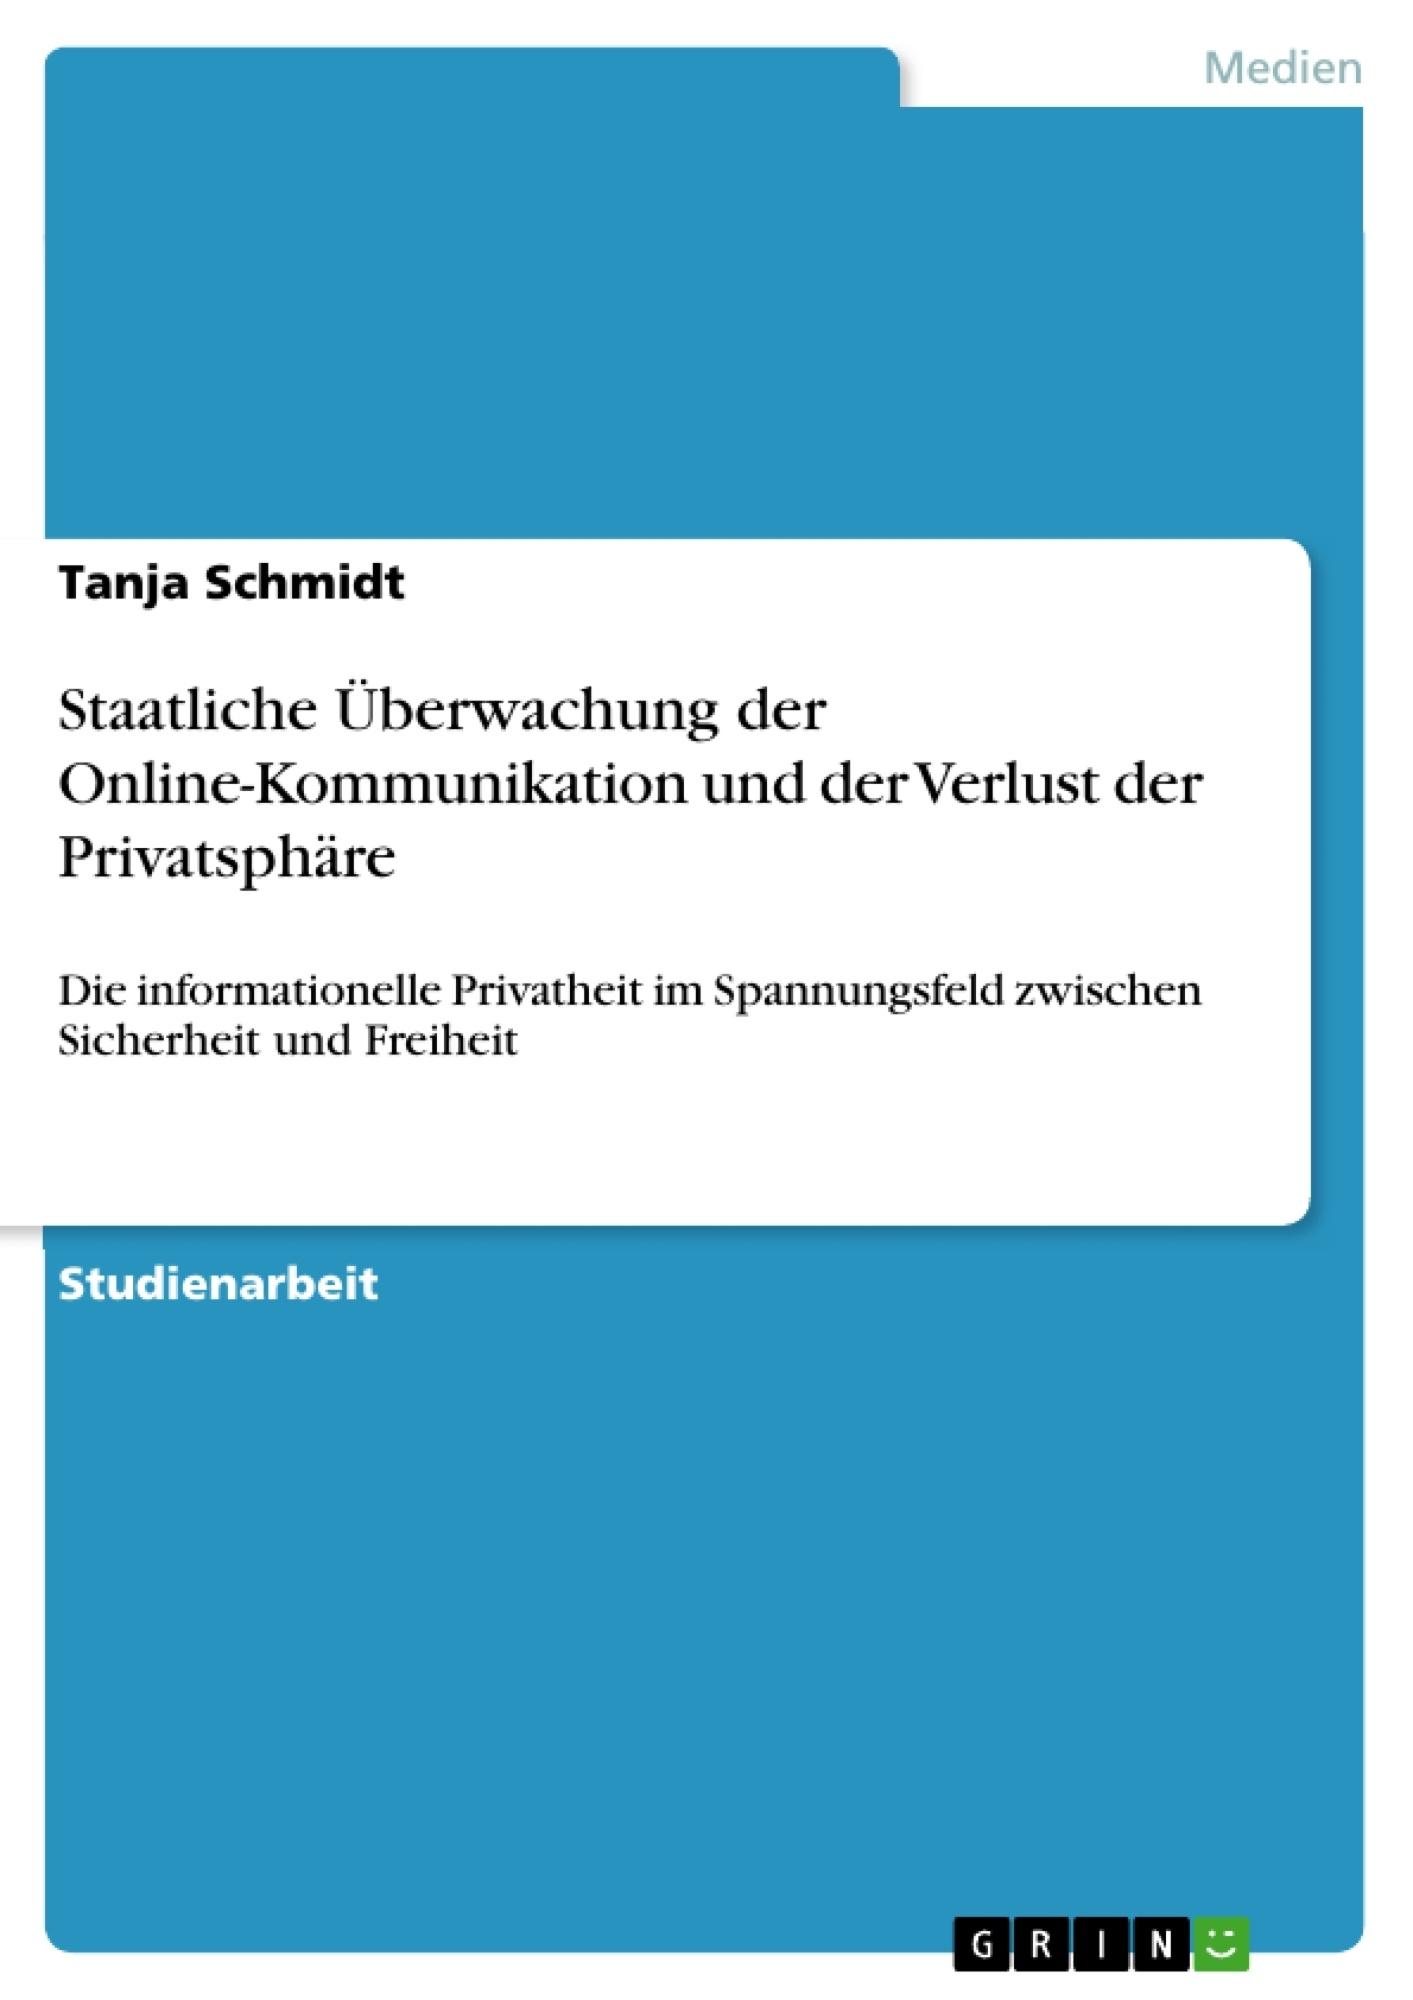 Titel: Staatliche Überwachung der Online-Kommunikation und der Verlust der Privatsphäre